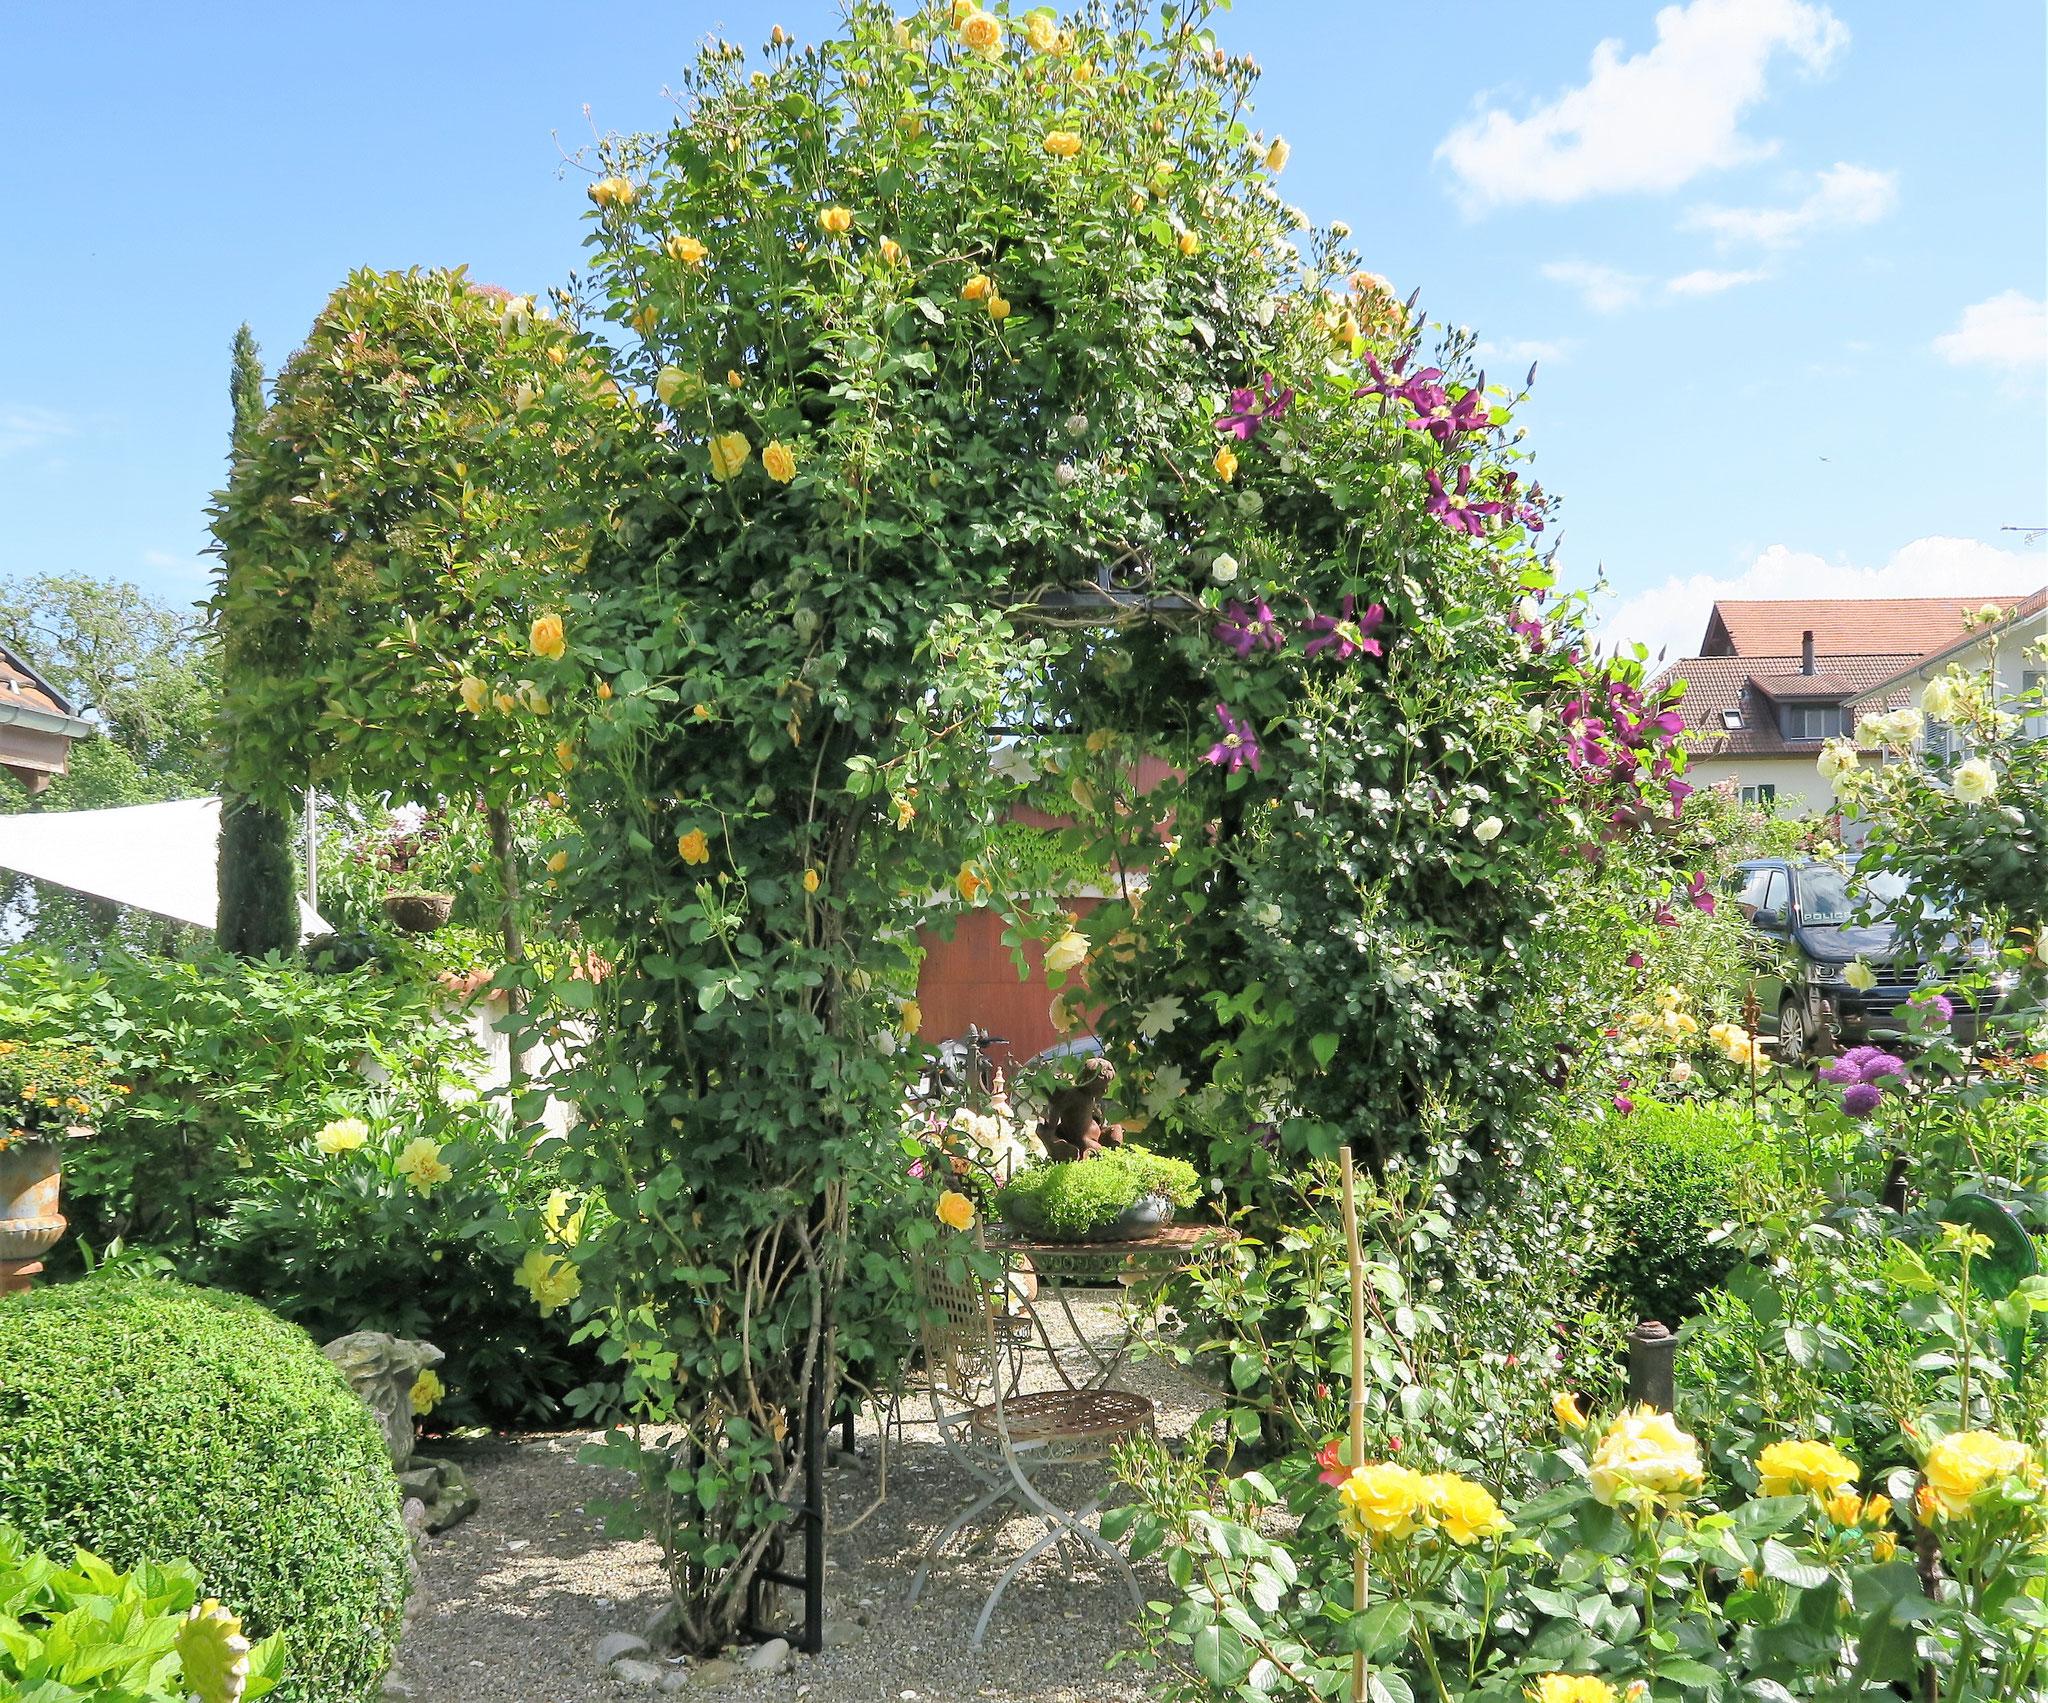 Empfangen werden wir von einem herrlichen gepflegten Rosengarten